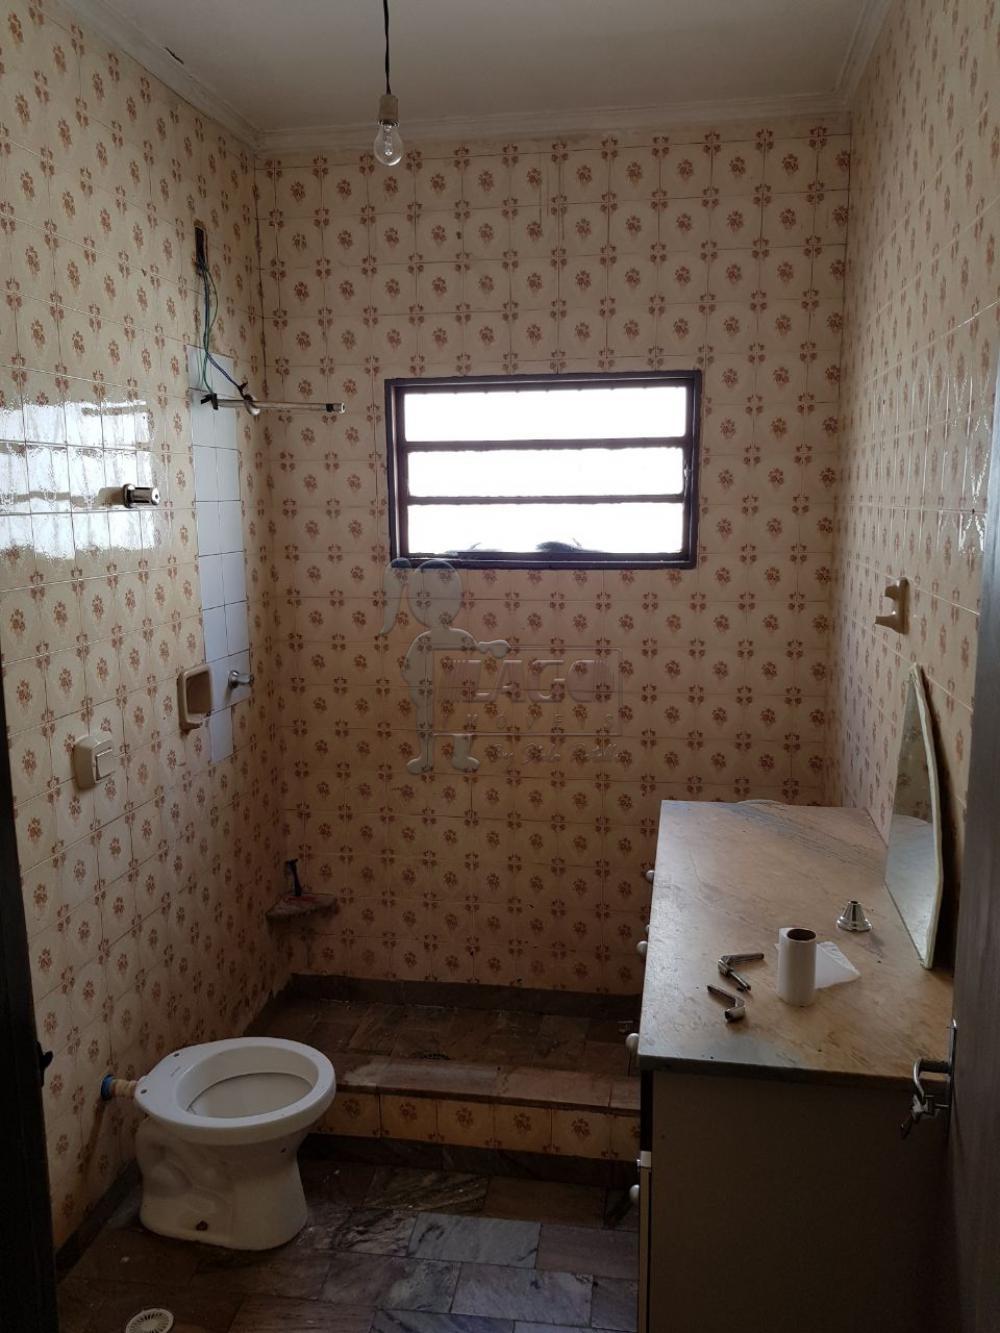 Comprar Casas / Padrão em Ribeirão Preto apenas R$ 190.000,00 - Foto 4